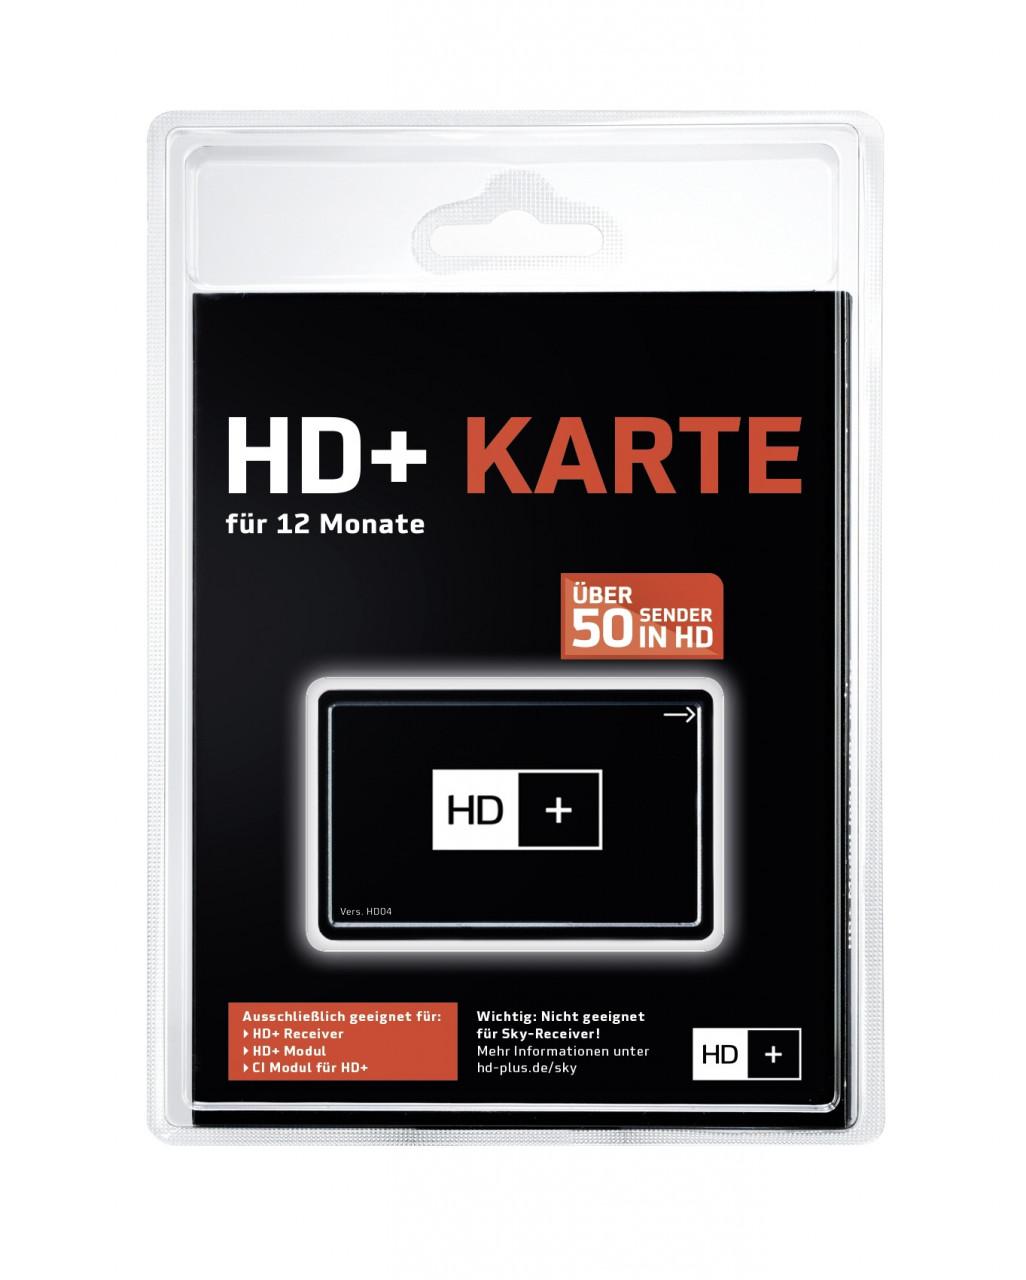 HD PLUS Karte für 12 Monate geeignet für HD und UHD, für Satellitenempfang